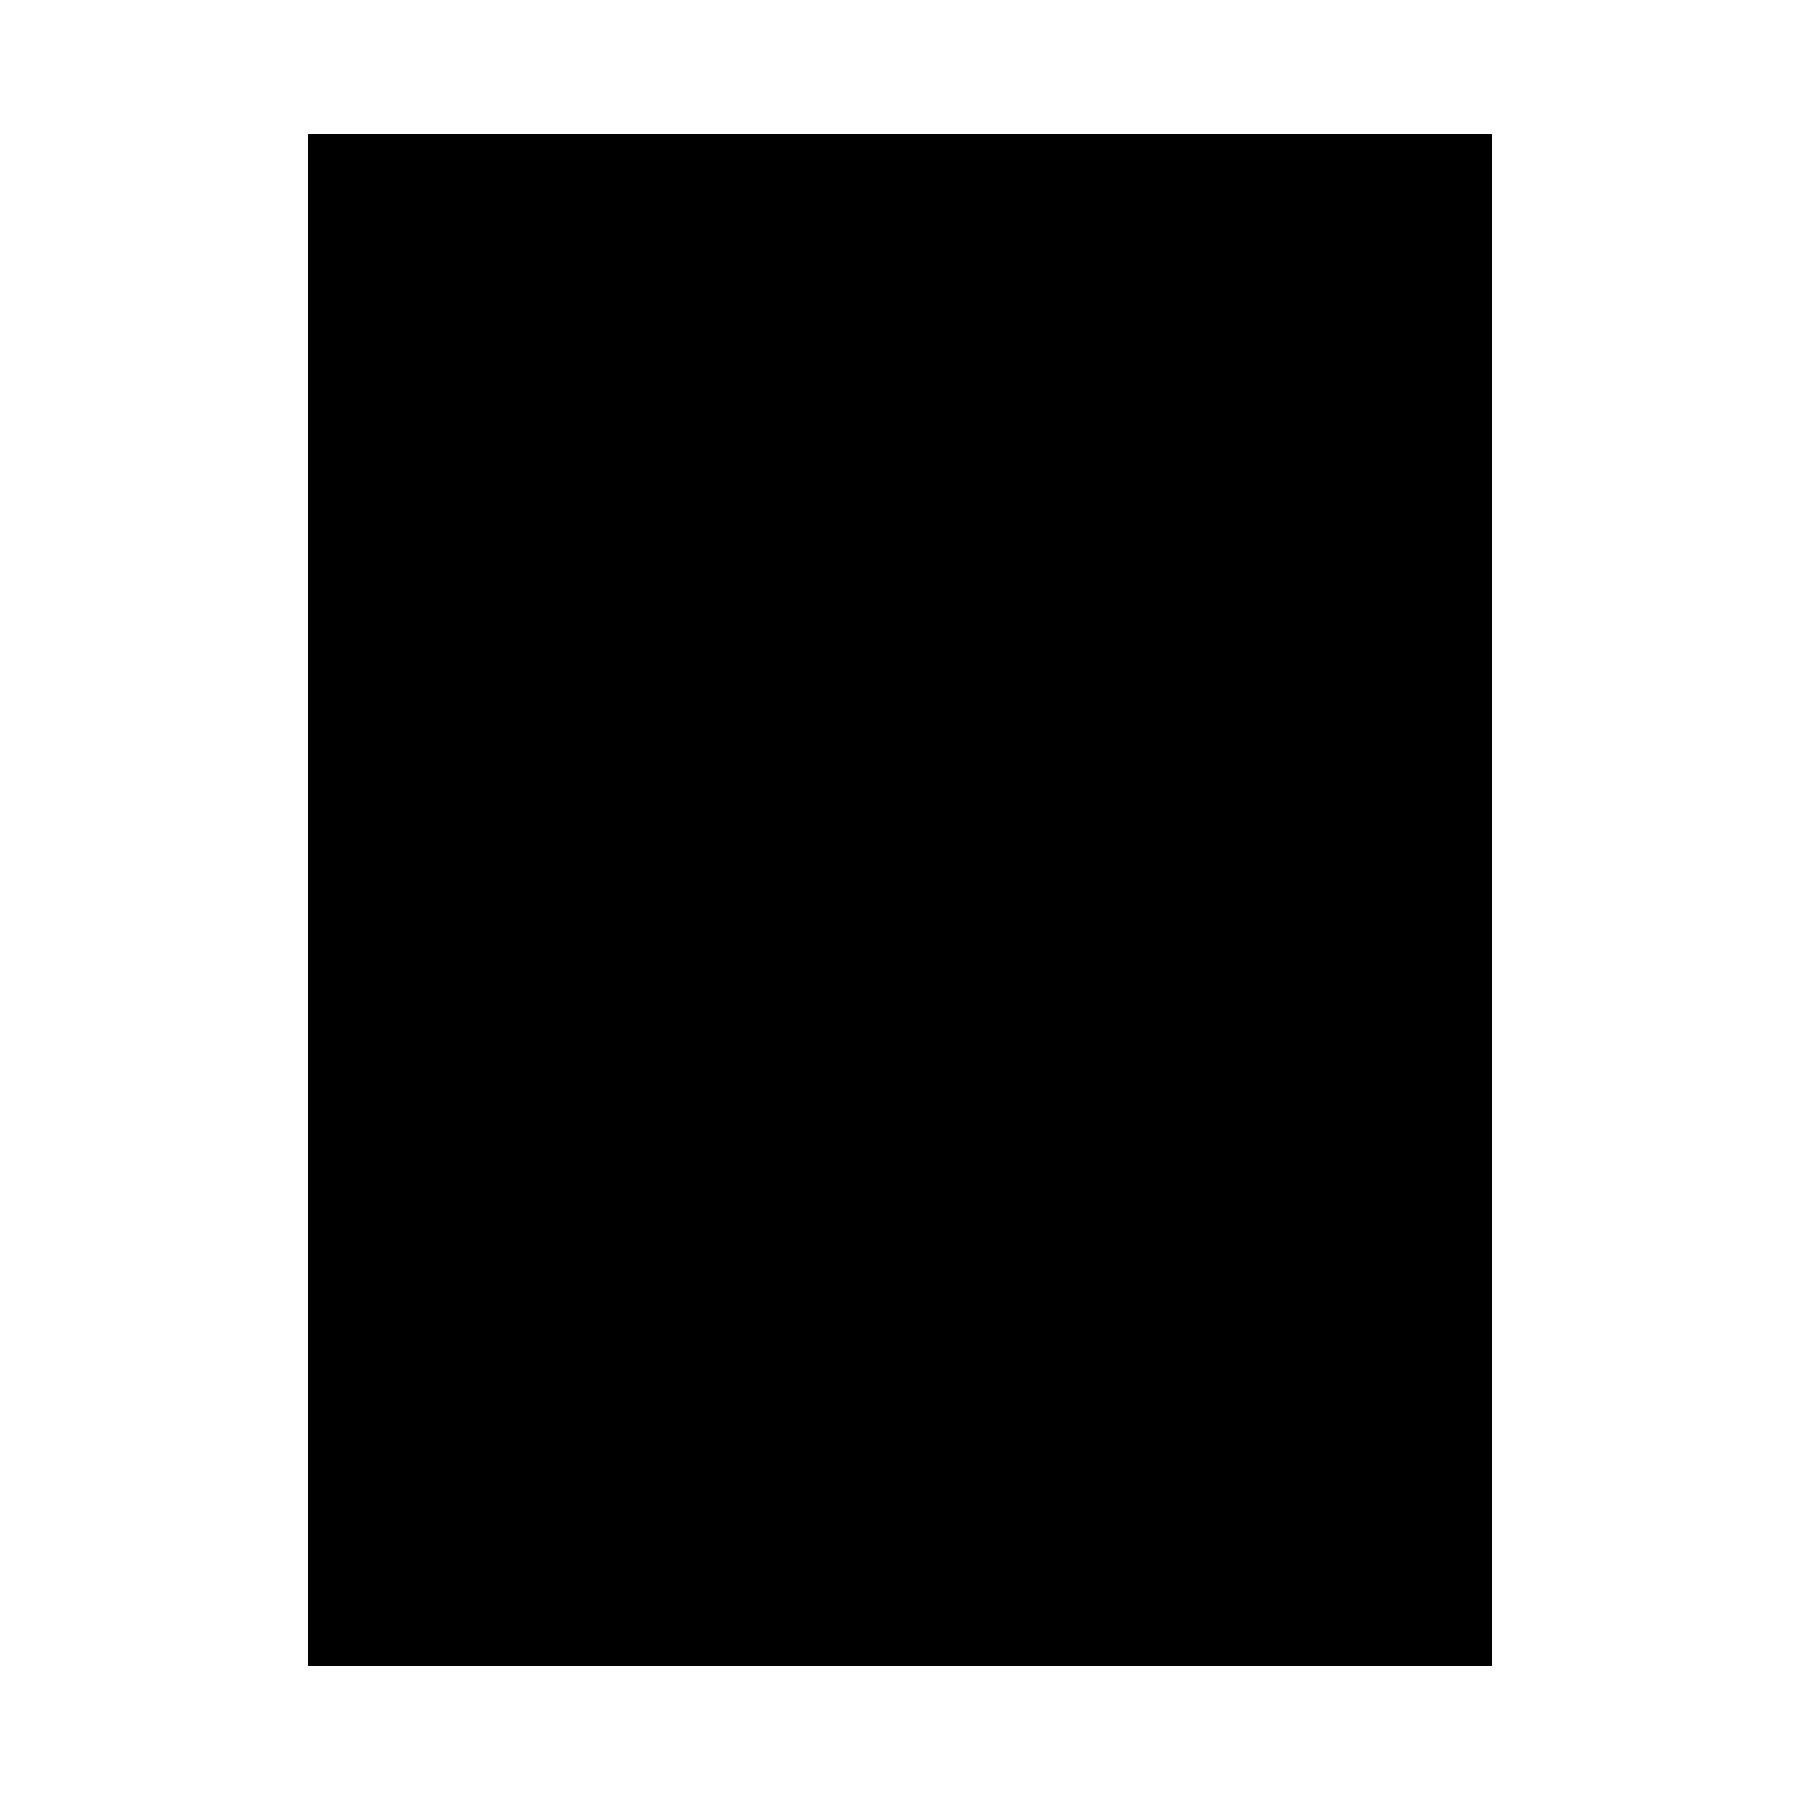 Avazera-Logo_BW_Original.png